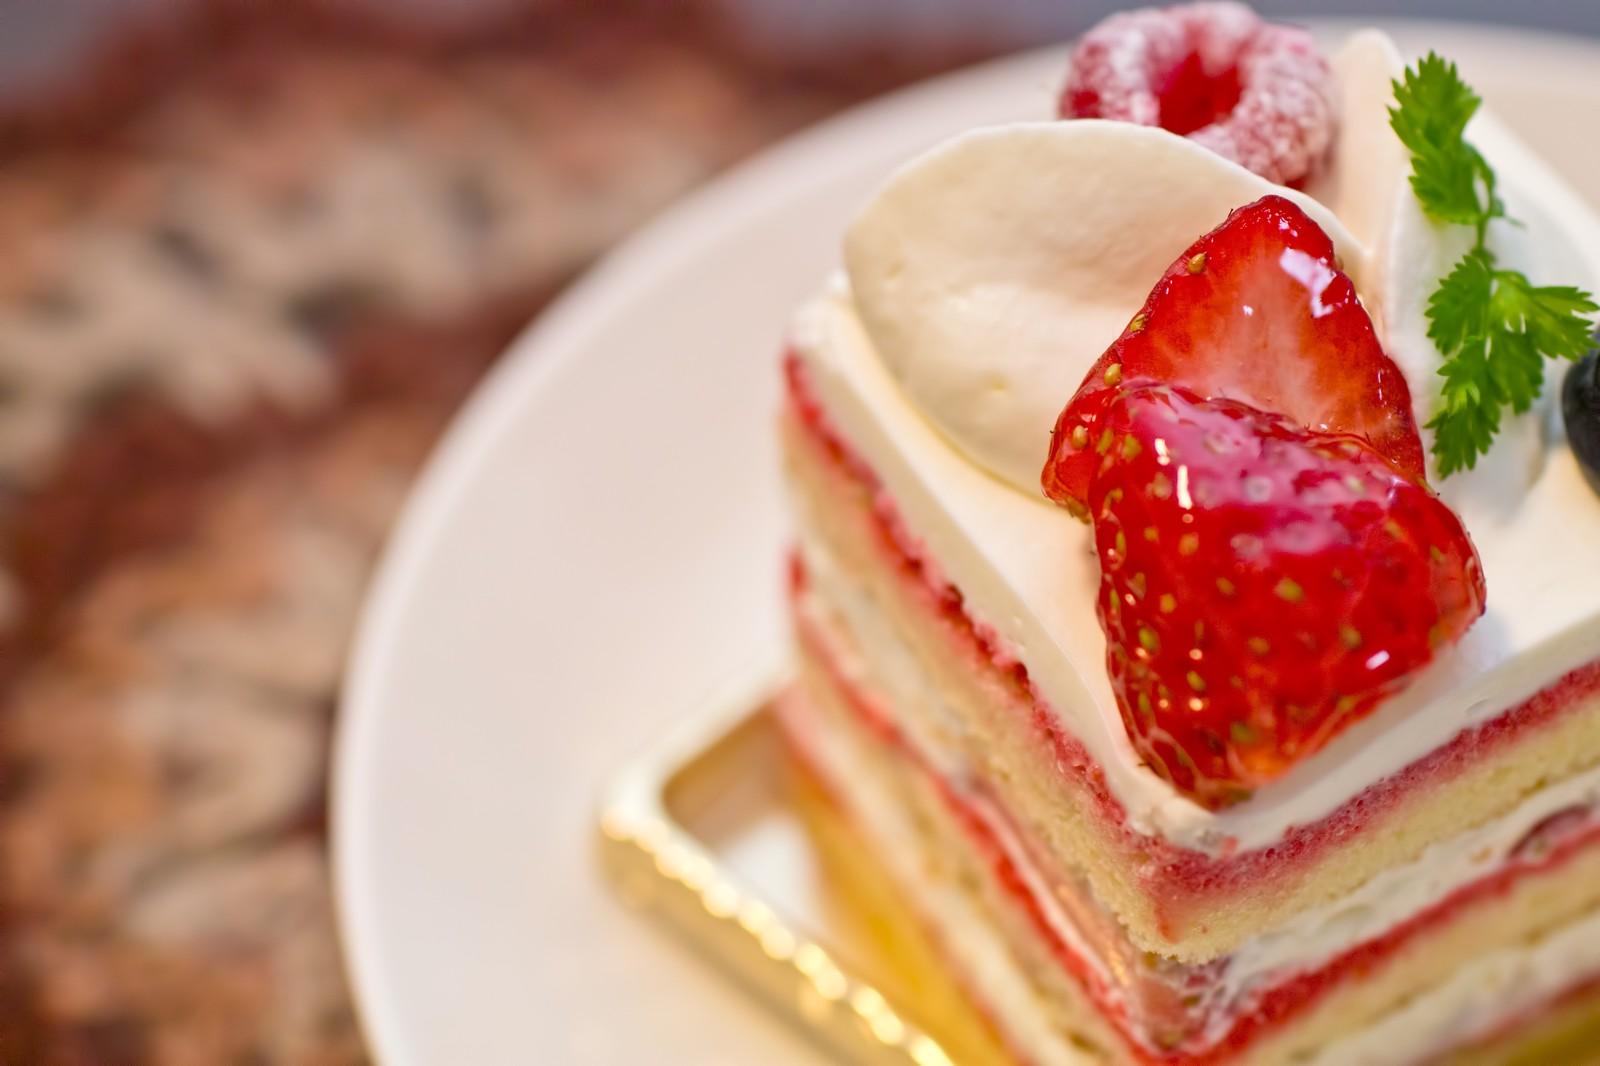 ケーキ 冷蔵庫 入れない